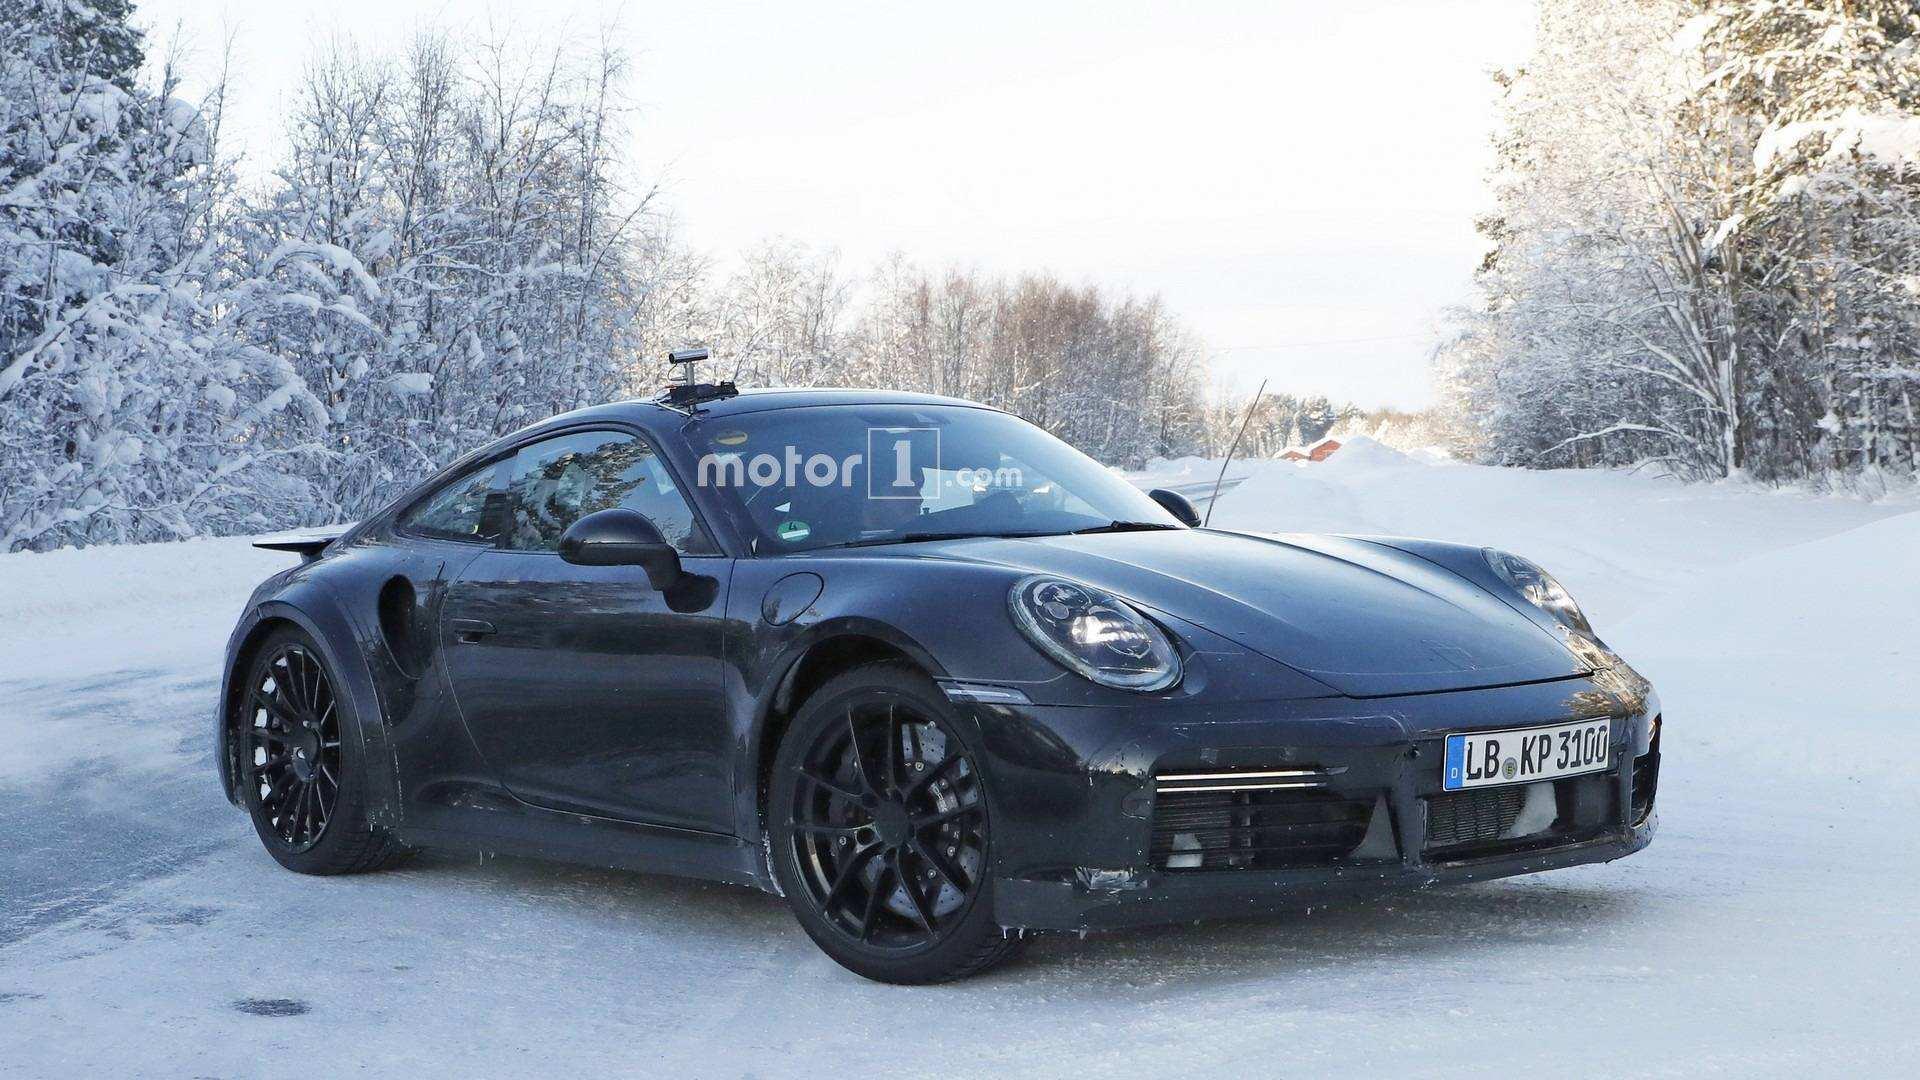 36 The Porsche F1 2020 Redesign with Porsche F1 2020